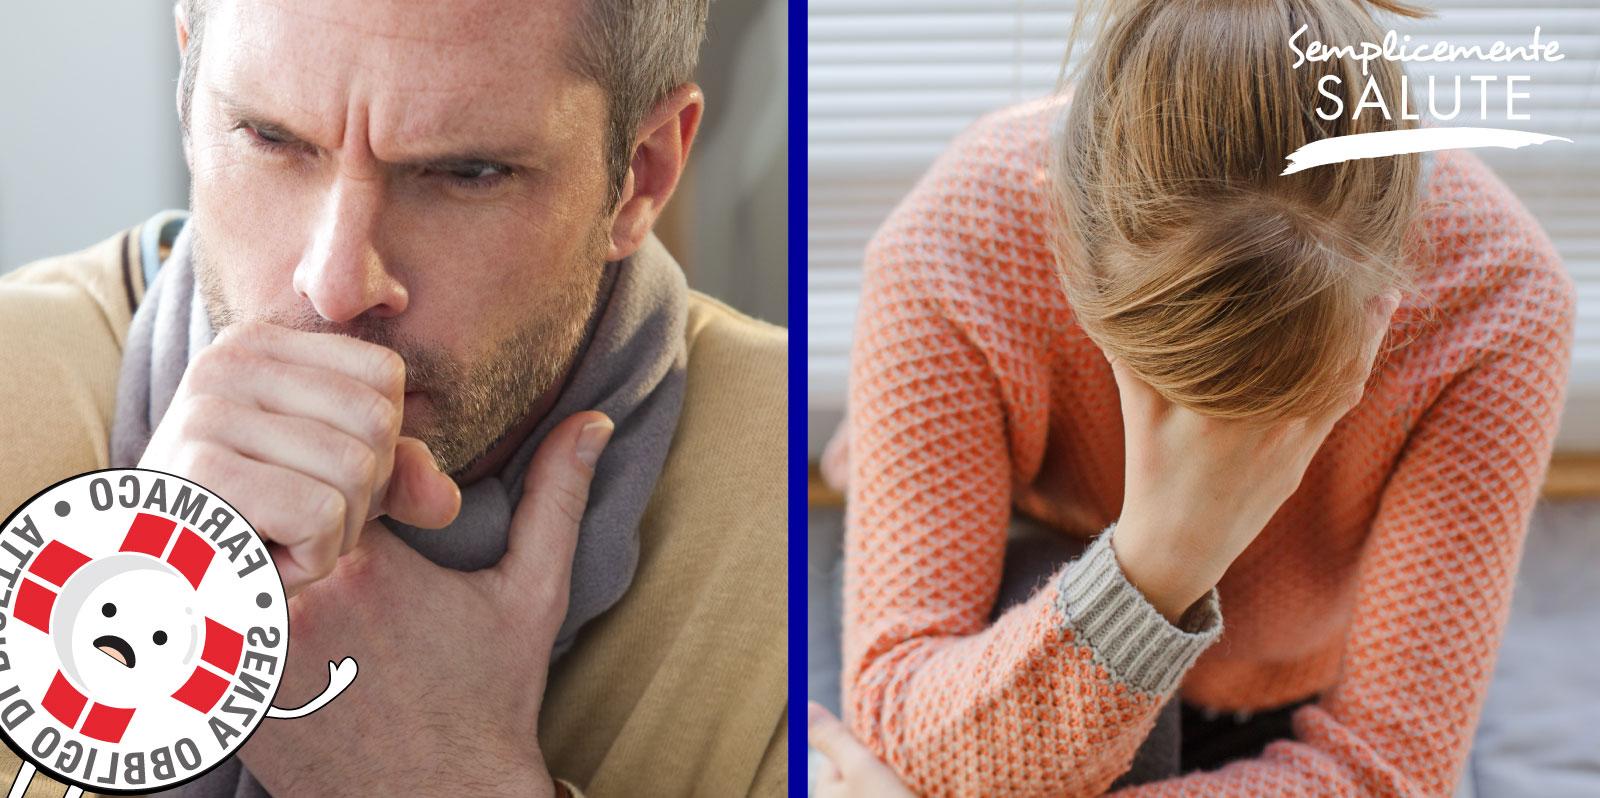 Esiste un legame tra l'infiammazione delle vie respiratorie e la depressione